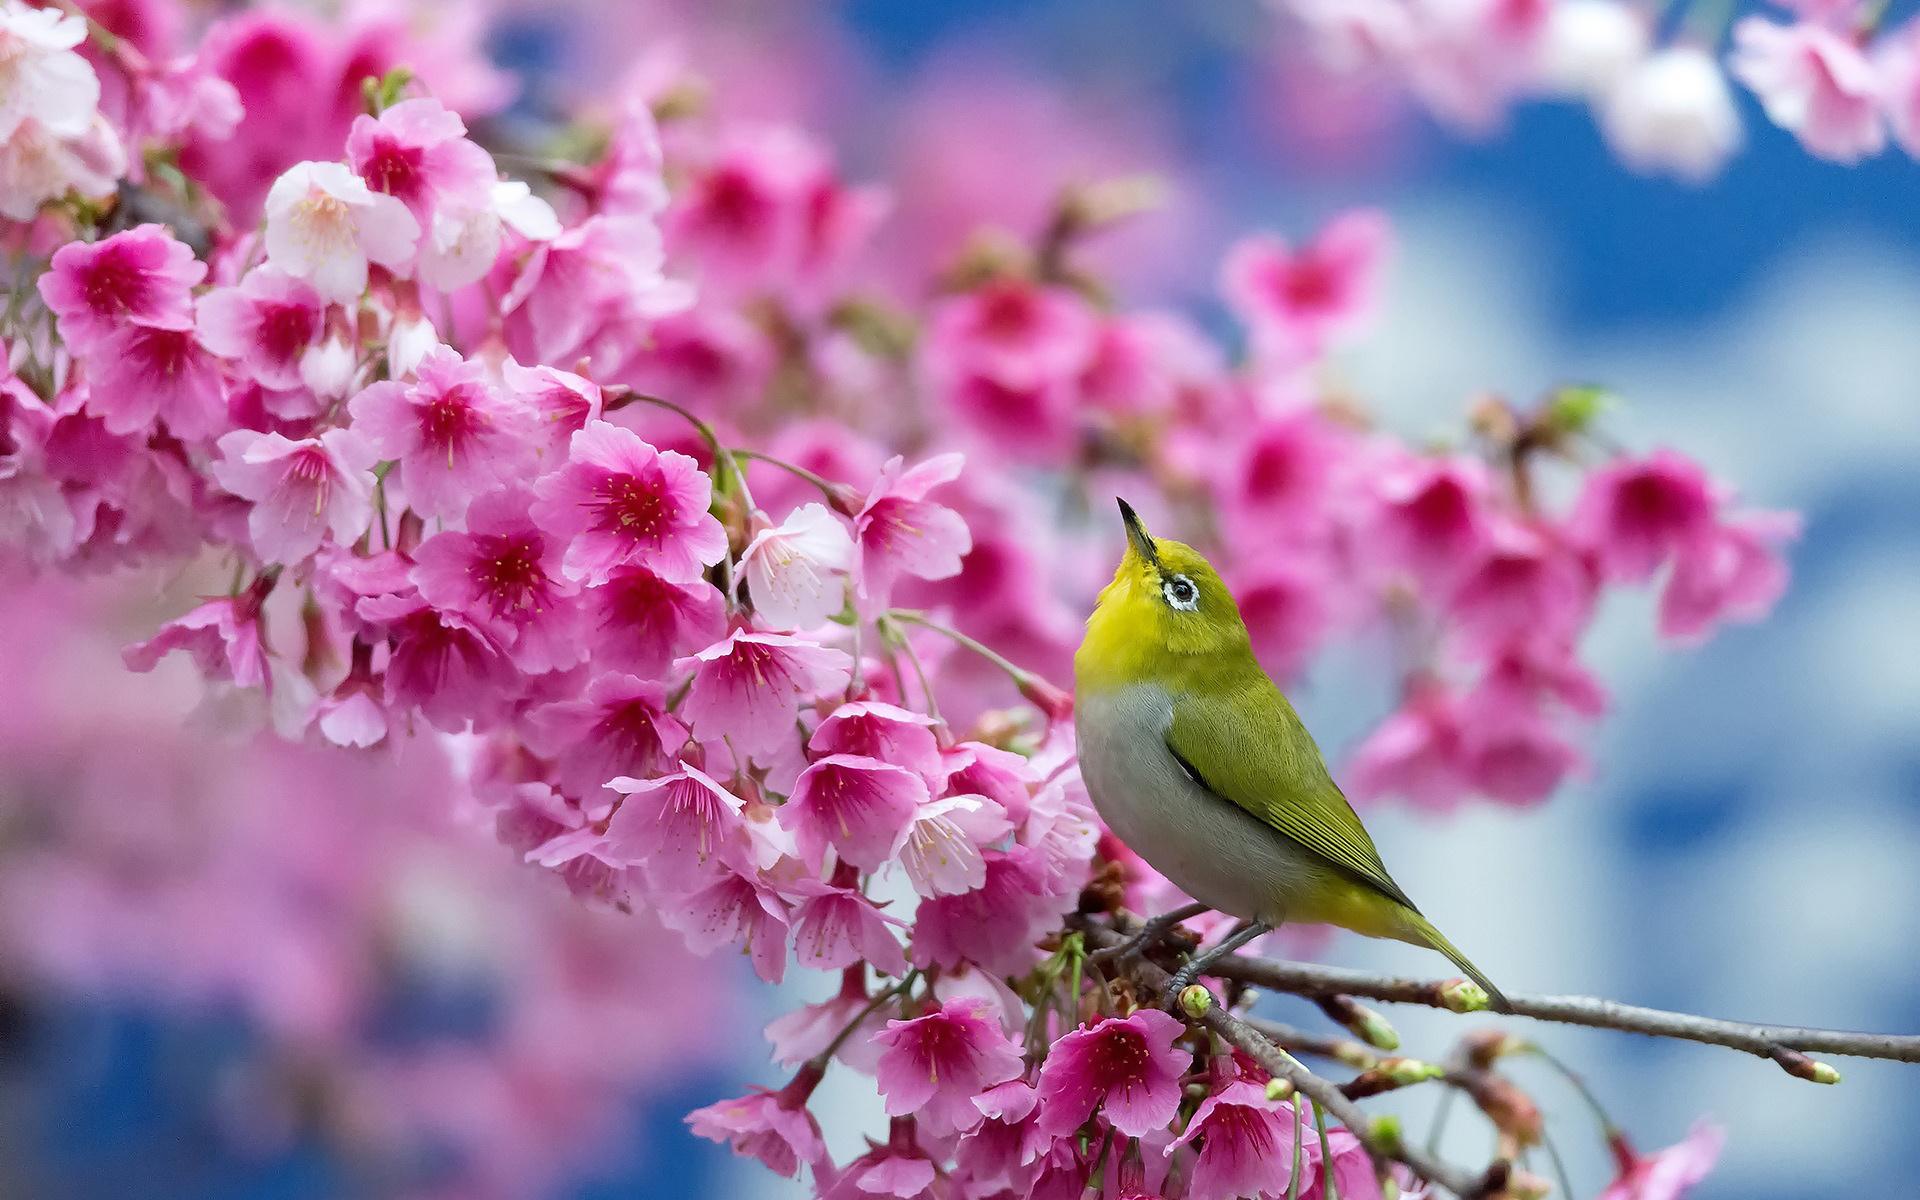 позволяет весна картинки на экран телефона для постного